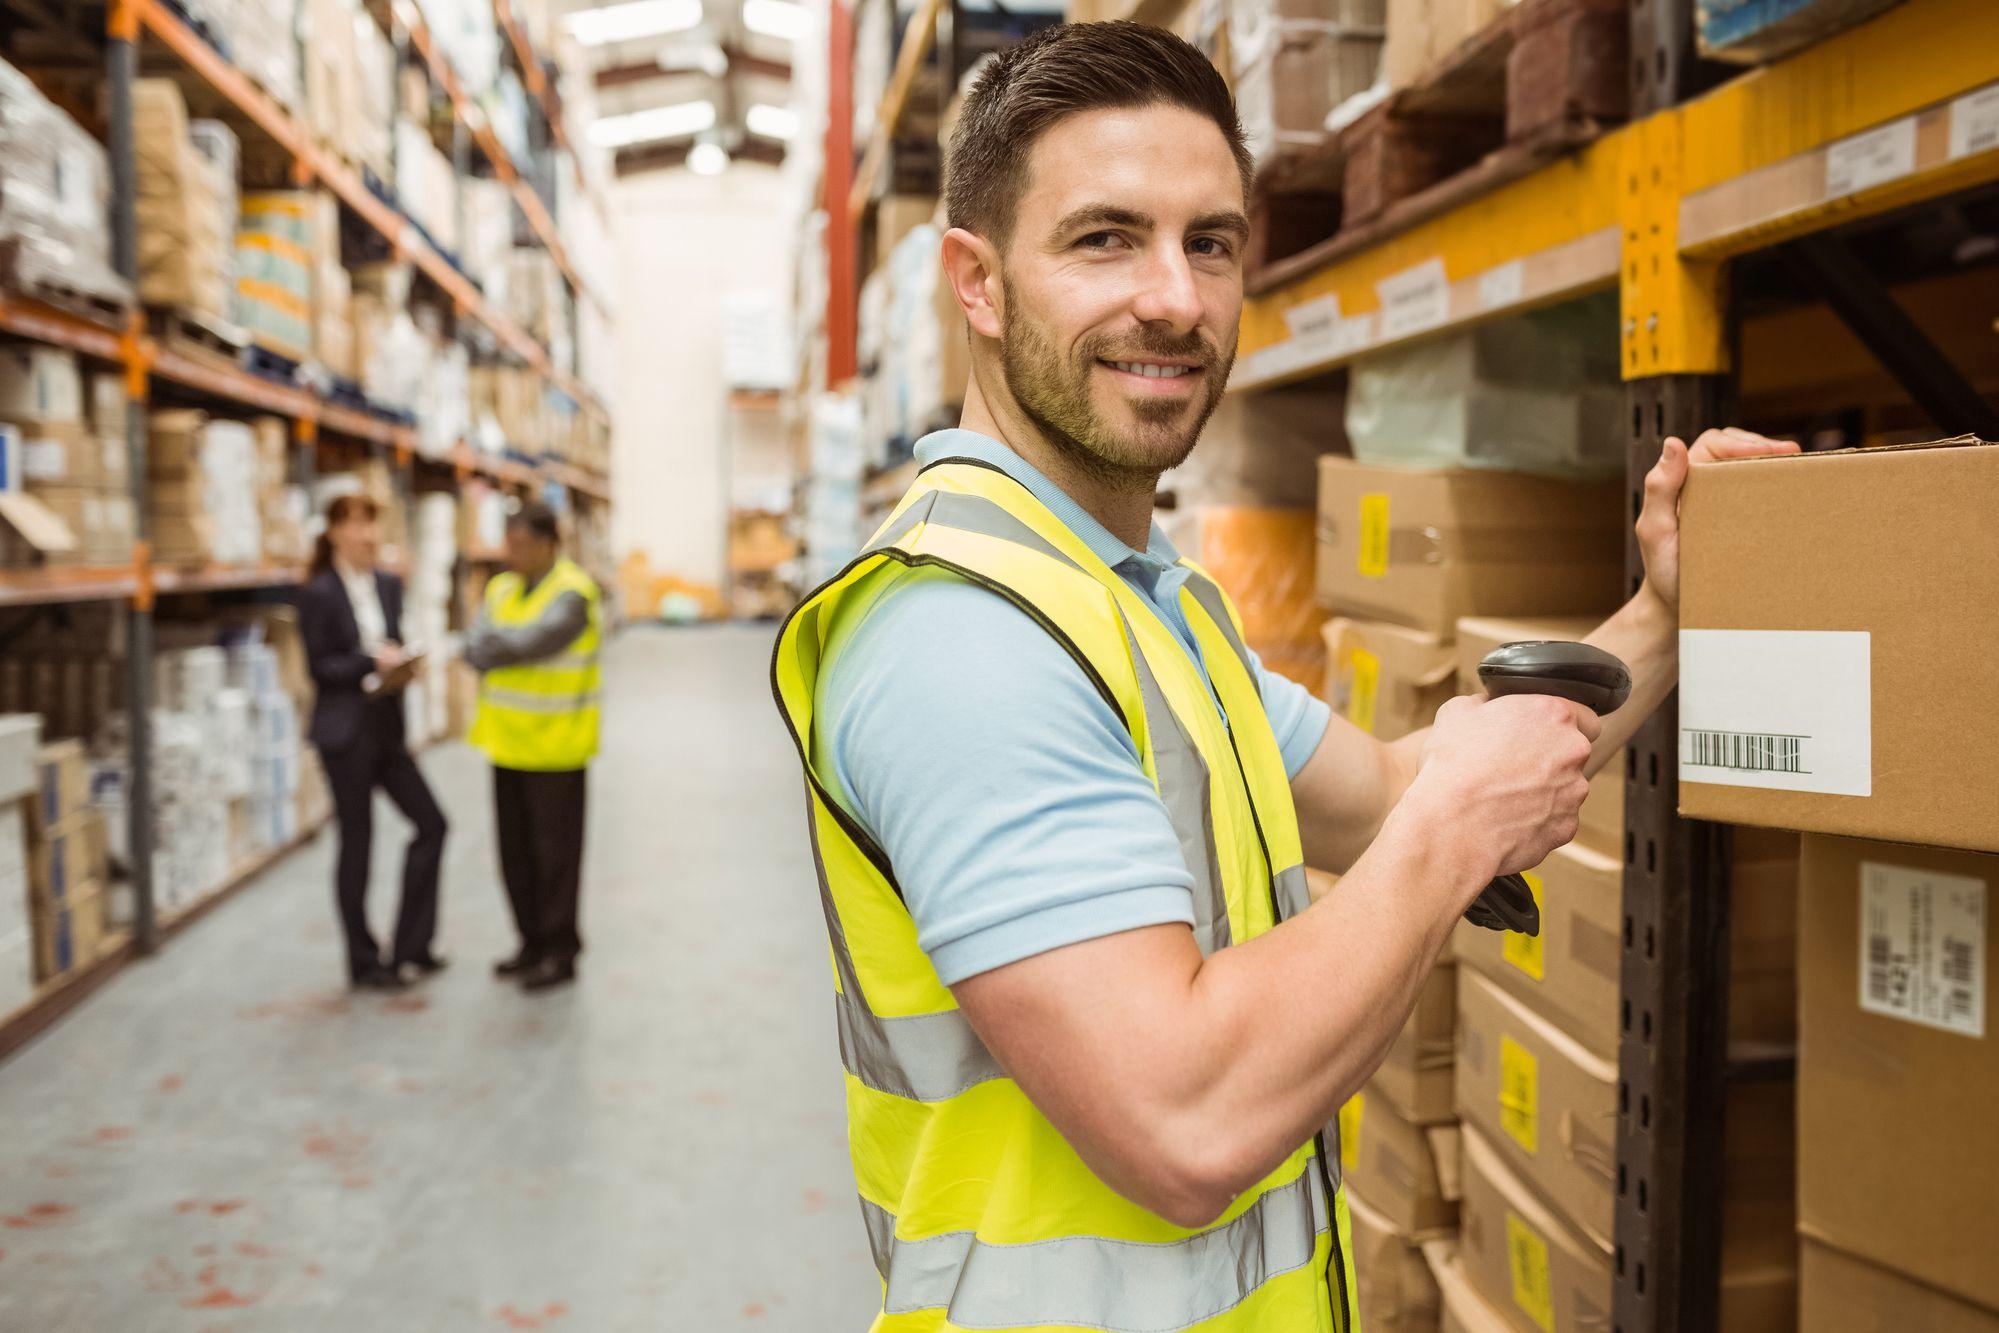 Codificação de produtos: entenda como fazer e quais os benefícios